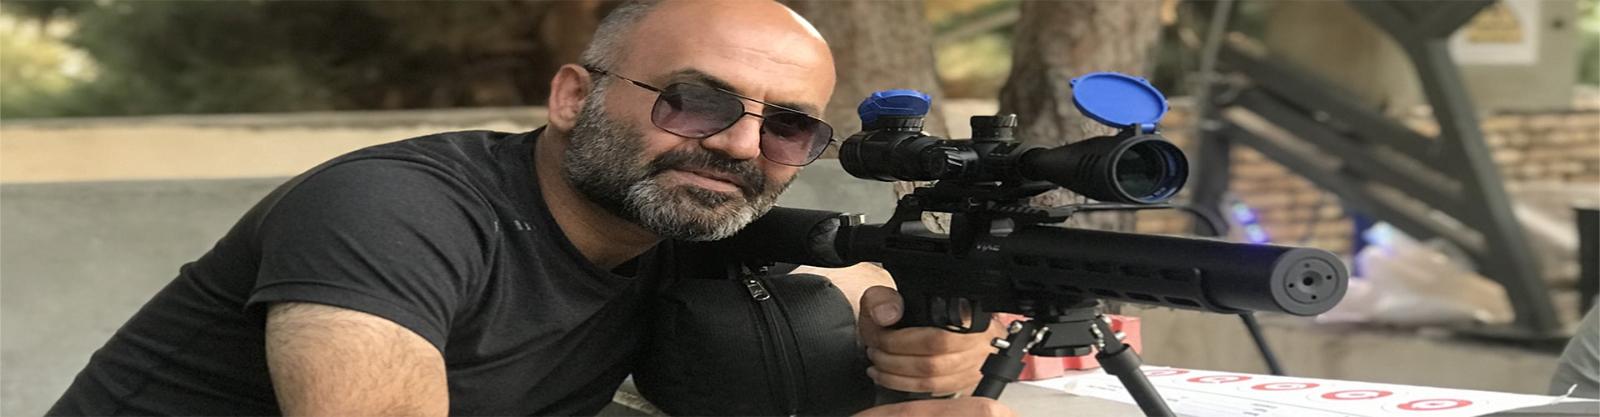 مسابقه بنچ رست ۱۰۰ یارد تفنگ بادی